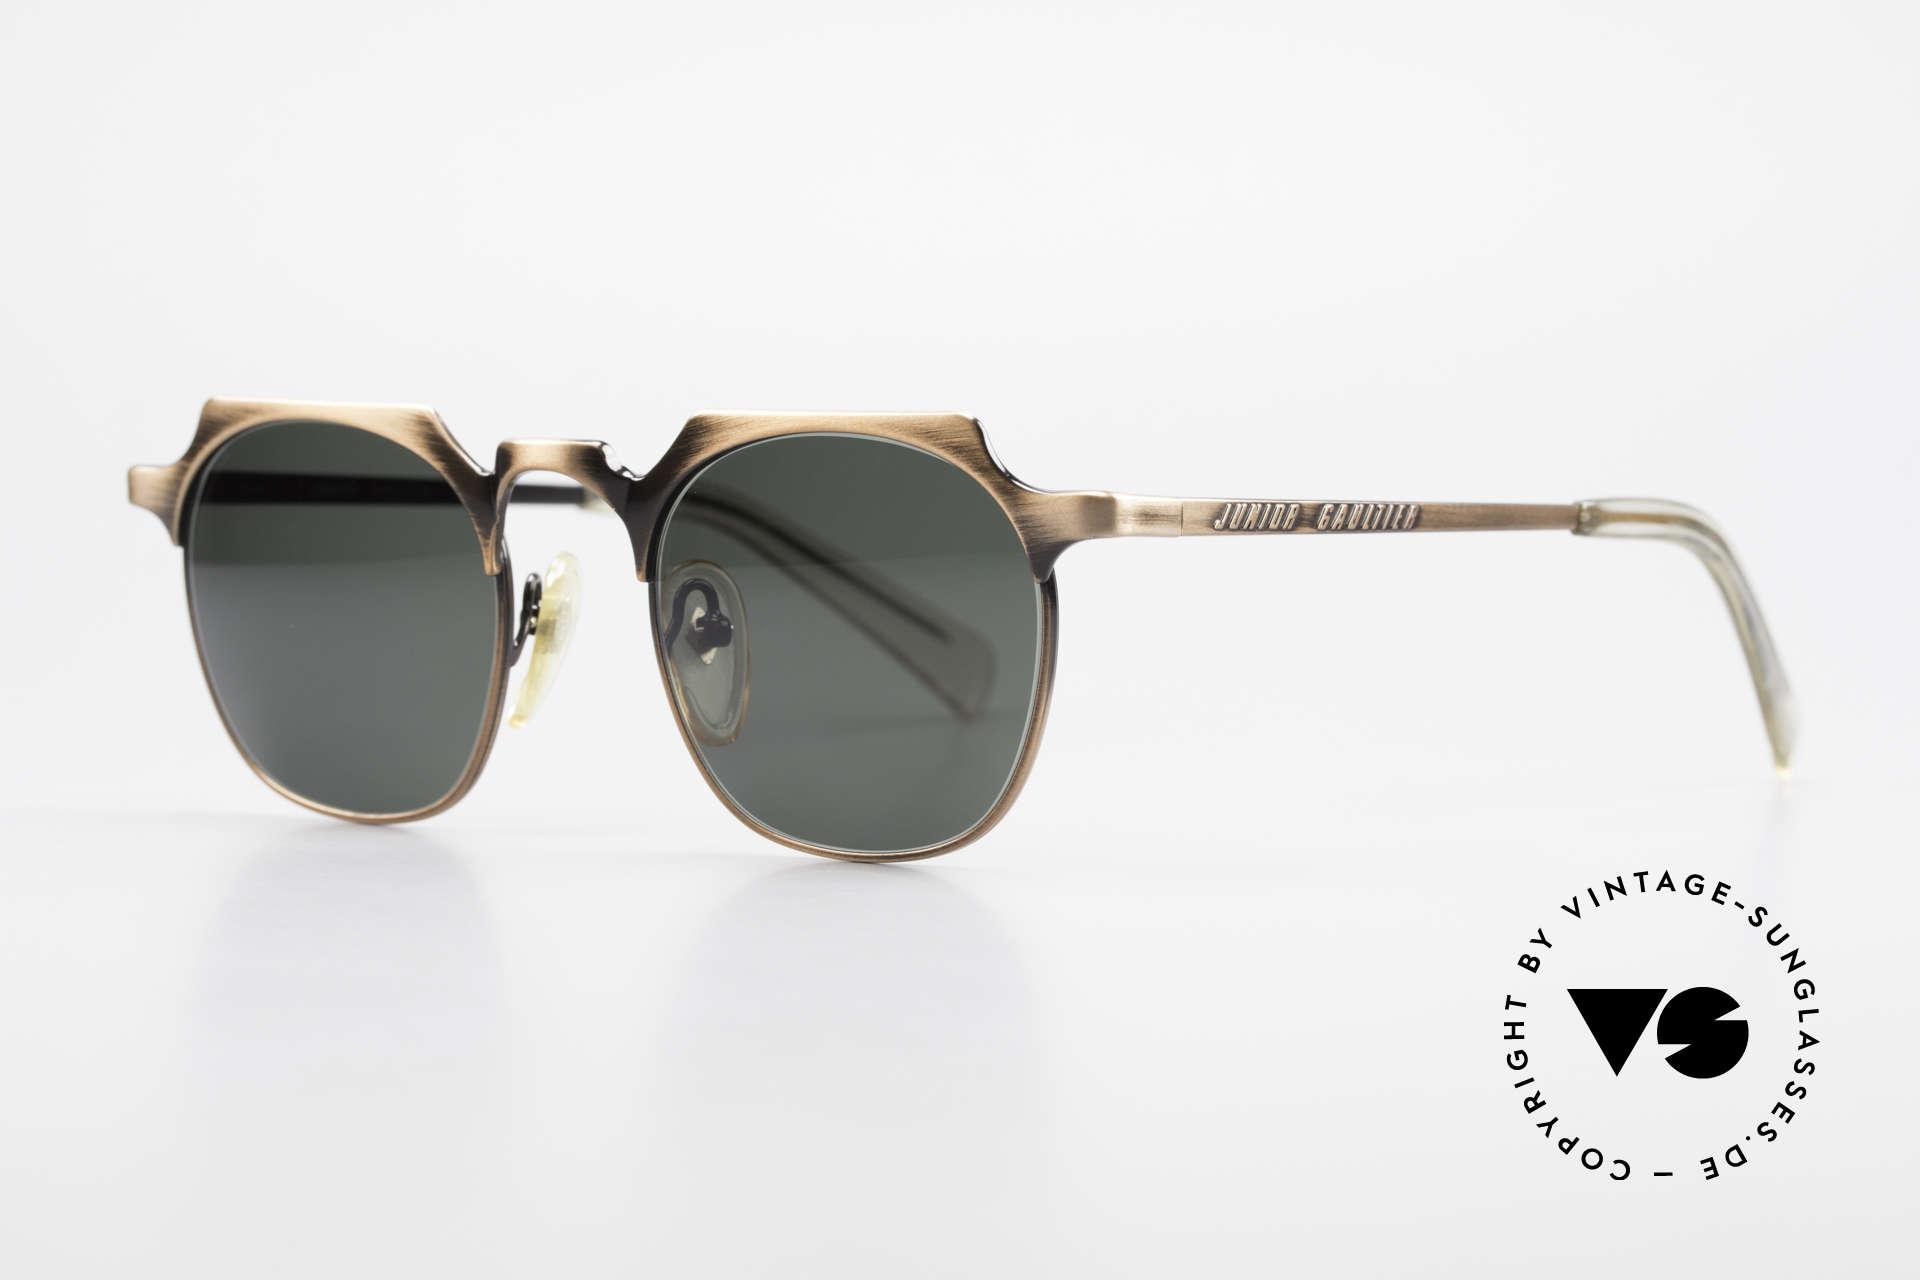 Jean Paul Gaultier 57-0171 Panto Sonnenbrille Eckig 90er, die klassische Panto-Form mal eckig interpretiert, Passend für Herren